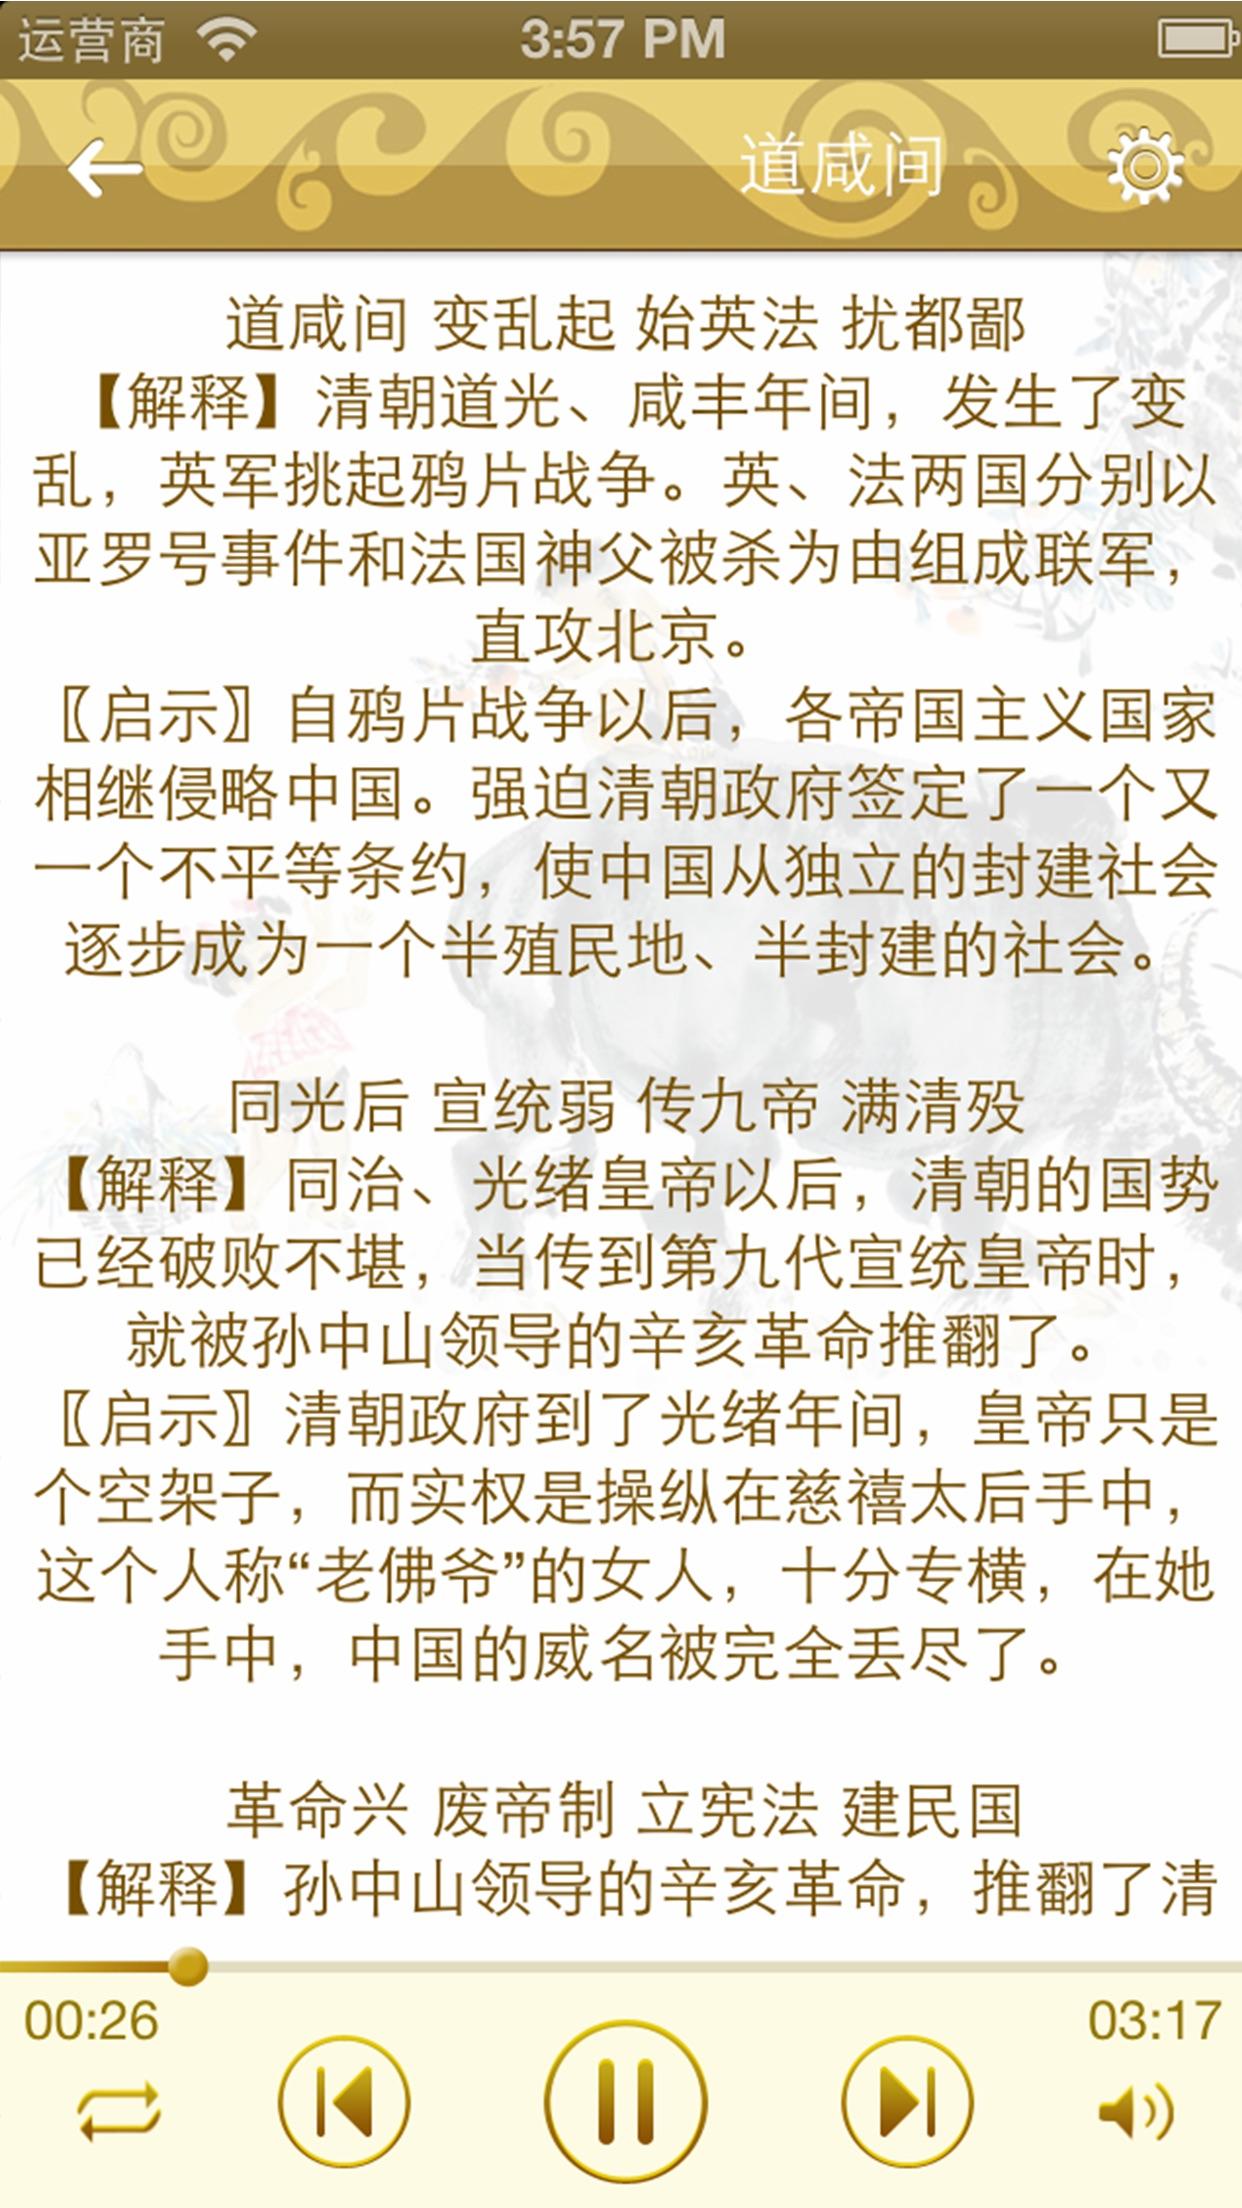 国学经典之三字经(有声字幕) Screenshot